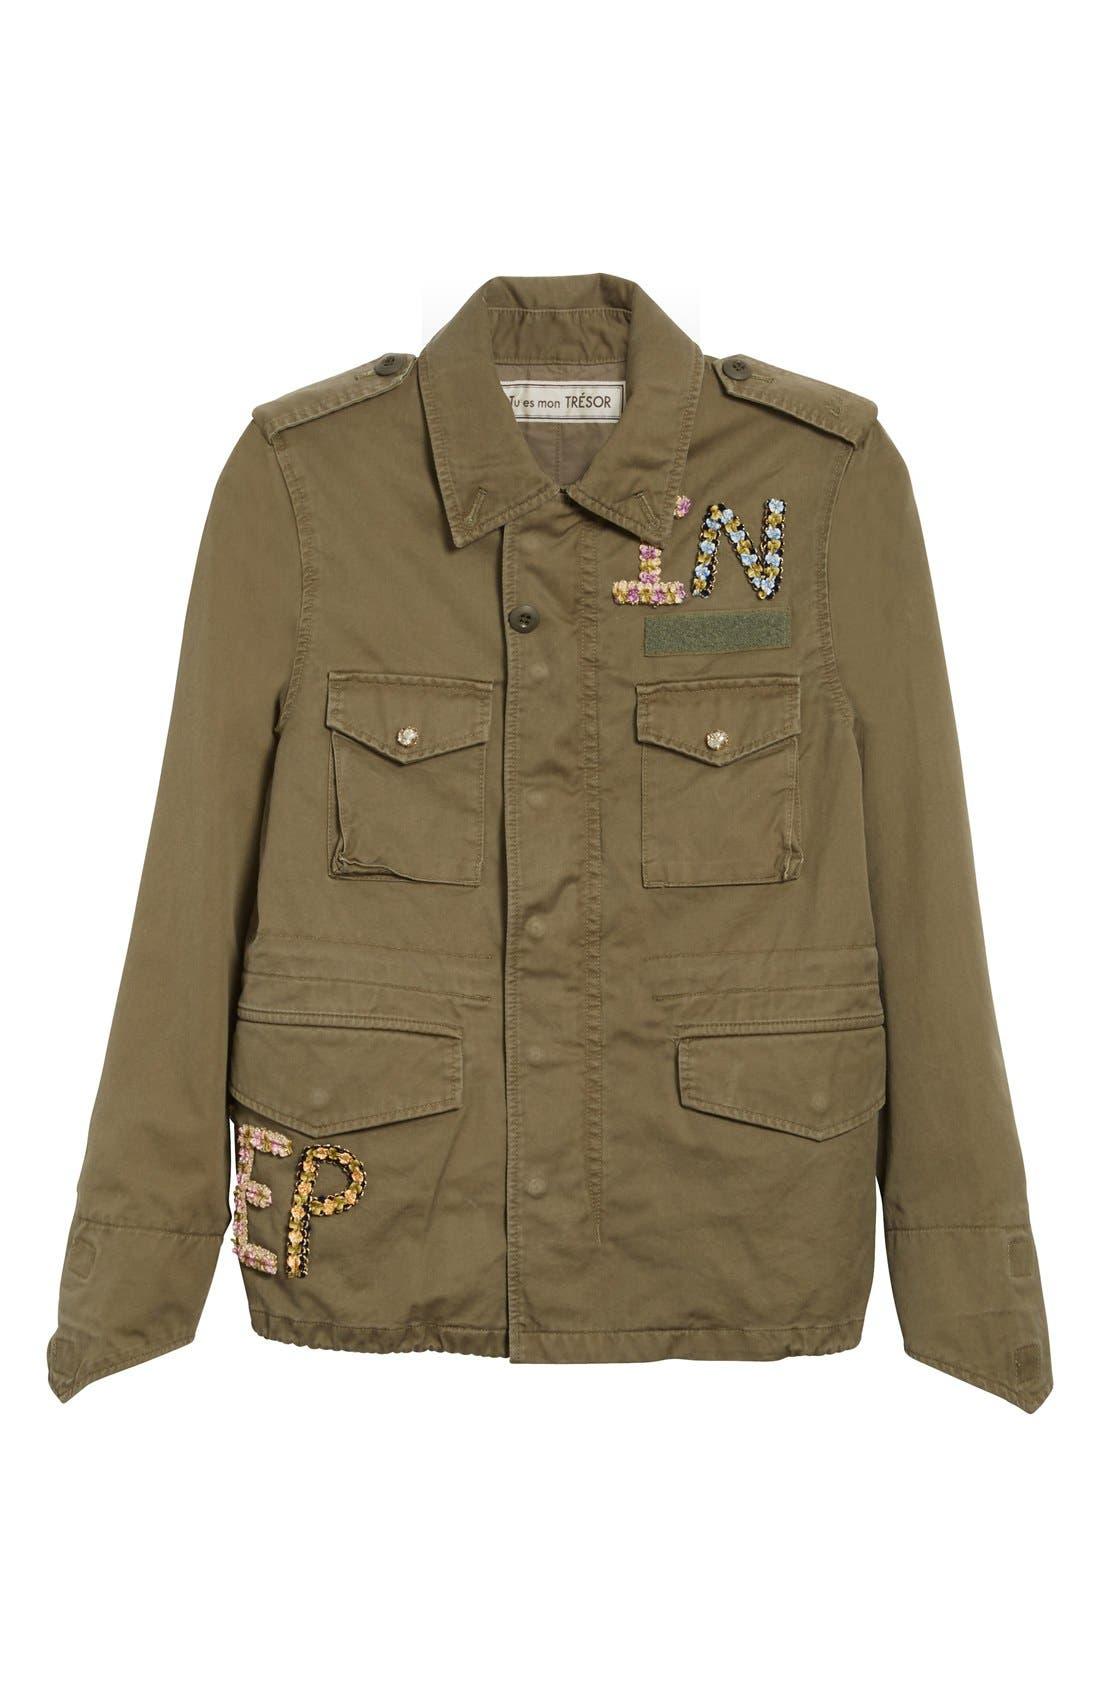 Alternate Image 4  - Tu es mon TRÉSOR 'The End' Embellished Military Jacket